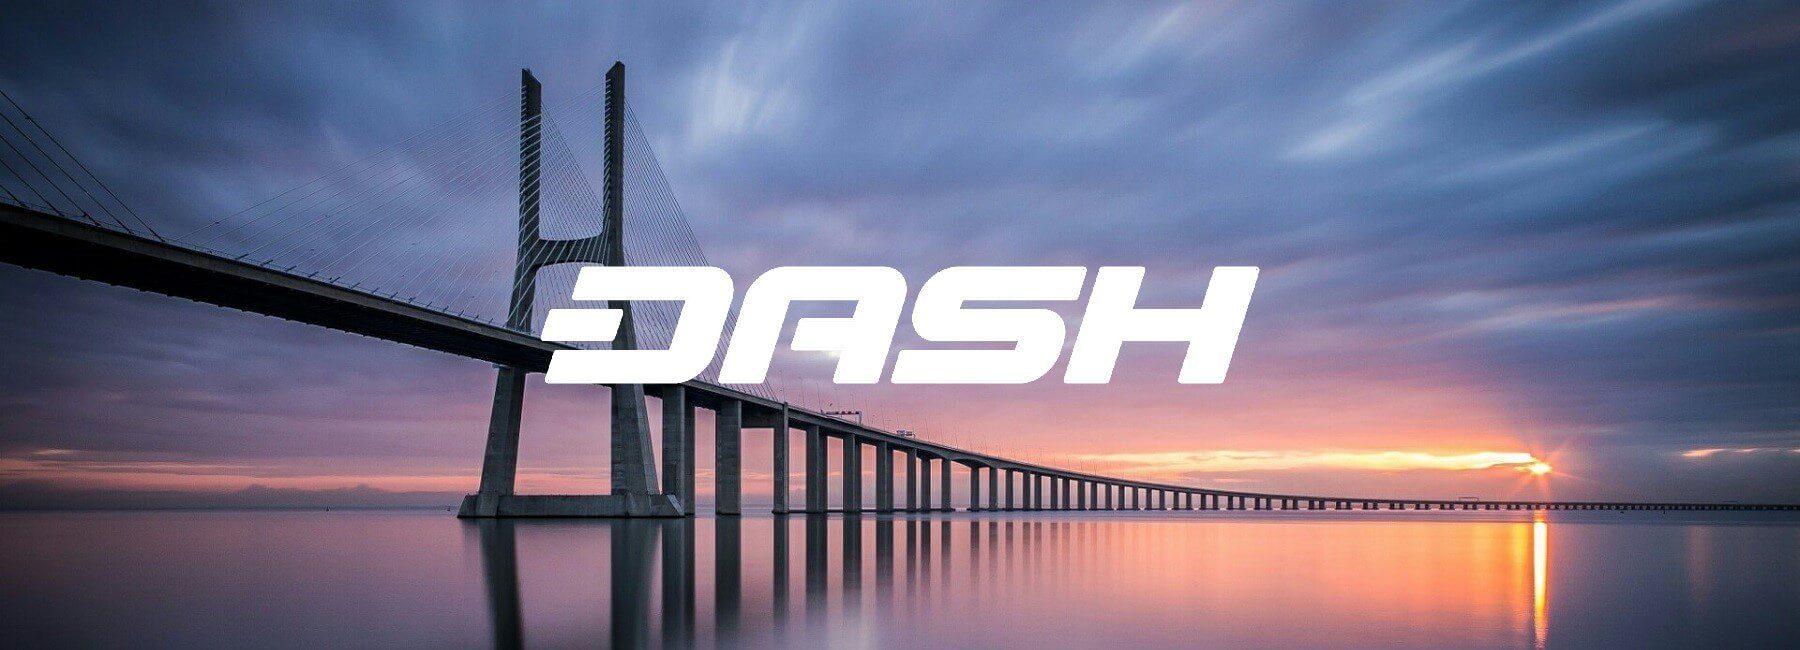 Làm thế nào để Dash theo cách của bạn vào lợi nhuận tiền điện tử lớn